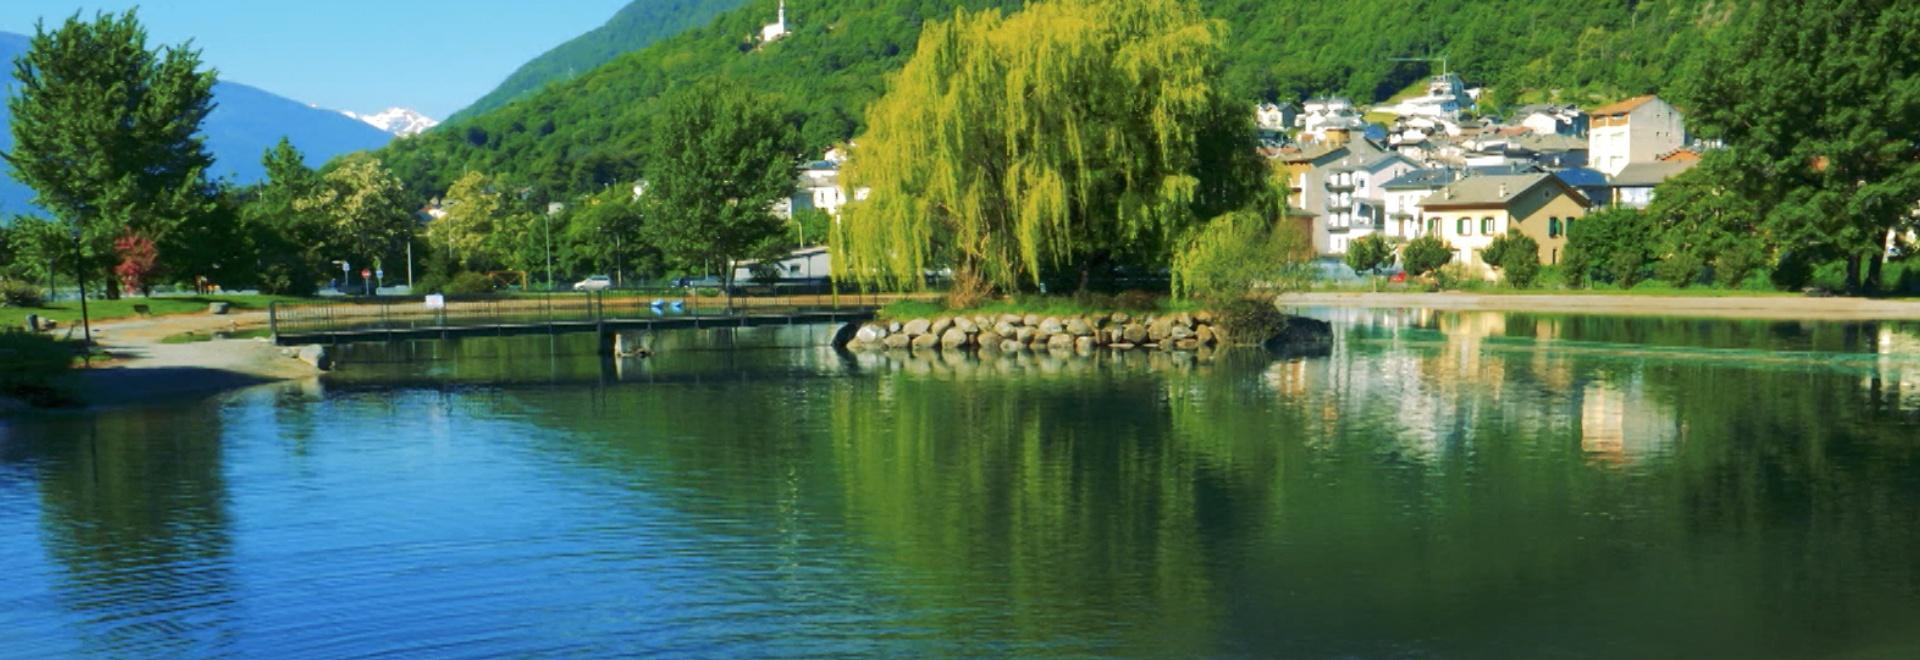 I Persici Reali nel lago di Vico